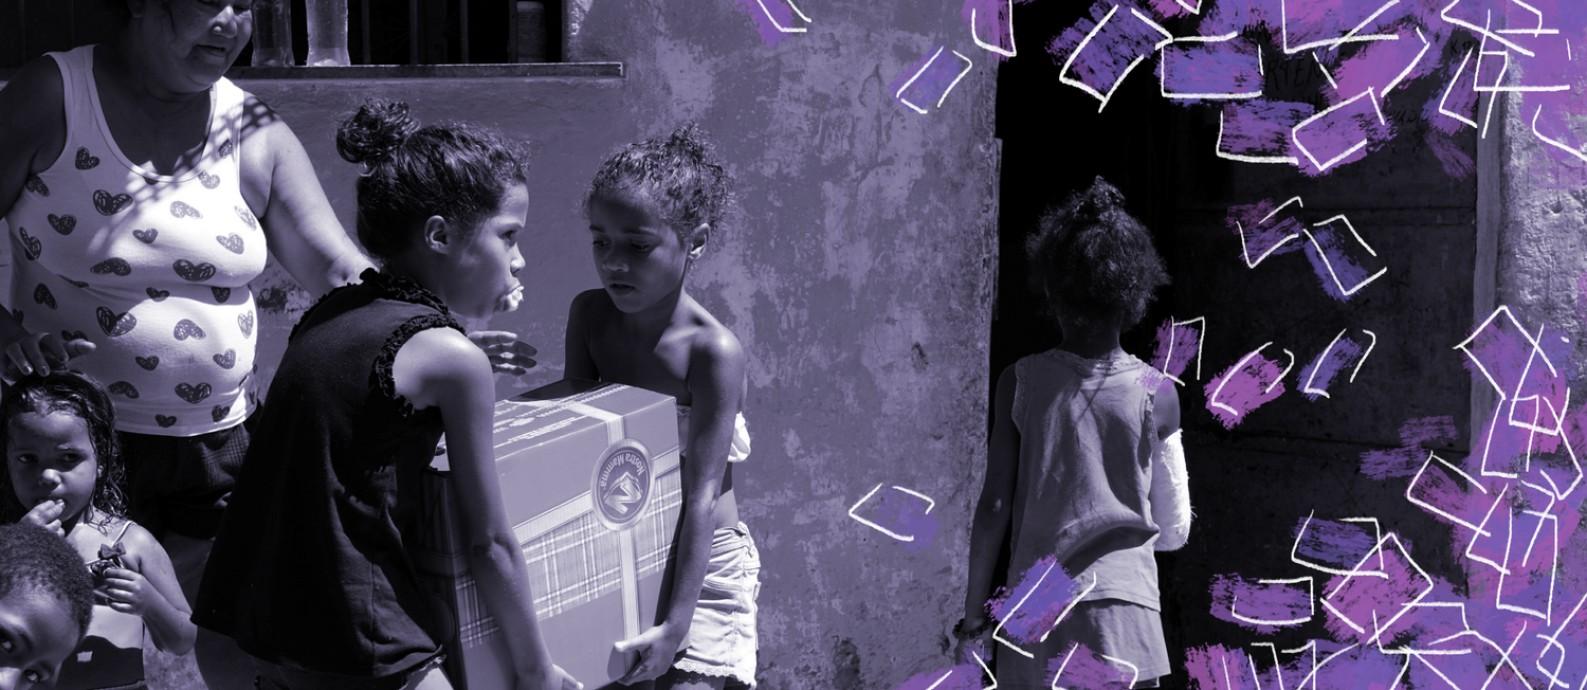 Família recebe doação em favela no Rio; projeto da Cufa que concede benefício mensal para mães solo de comunidades de todo o Brasil já arrecadou R$ 4 milhões e vai contemplar 50 mil mulheres Foto: Reuters